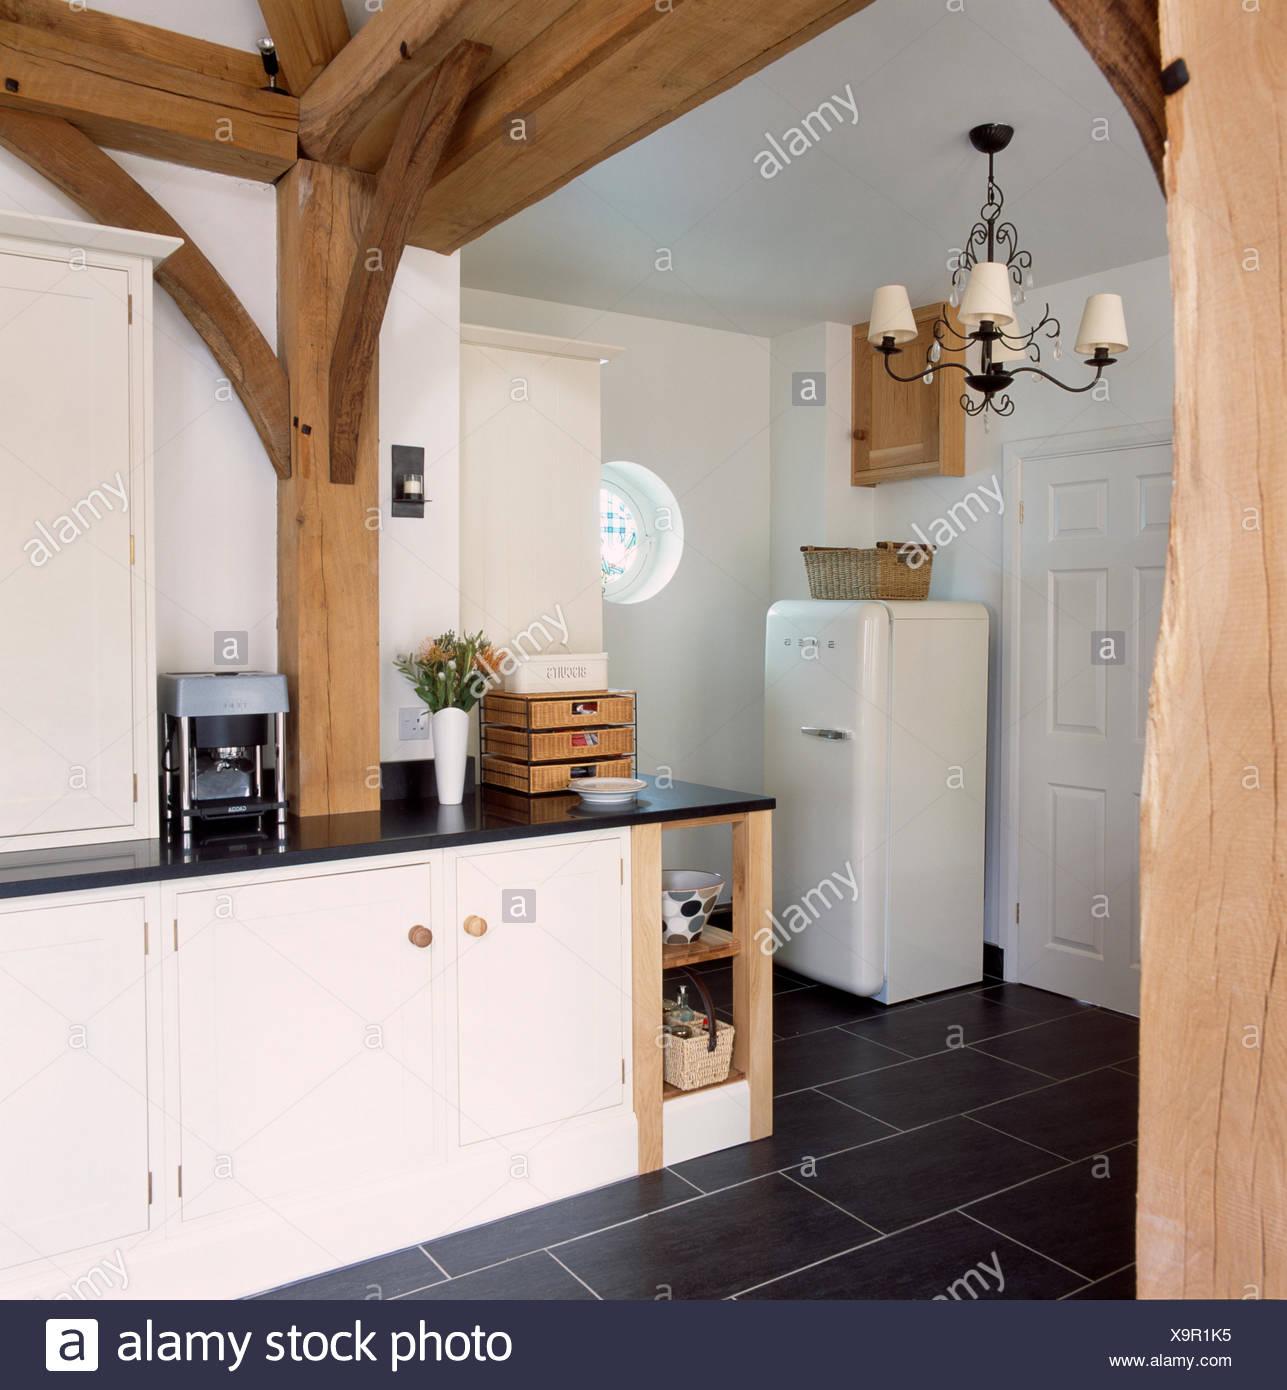 Großen Holzbalken im Stall Umbau Küche mit Smeg Kühlschrank und